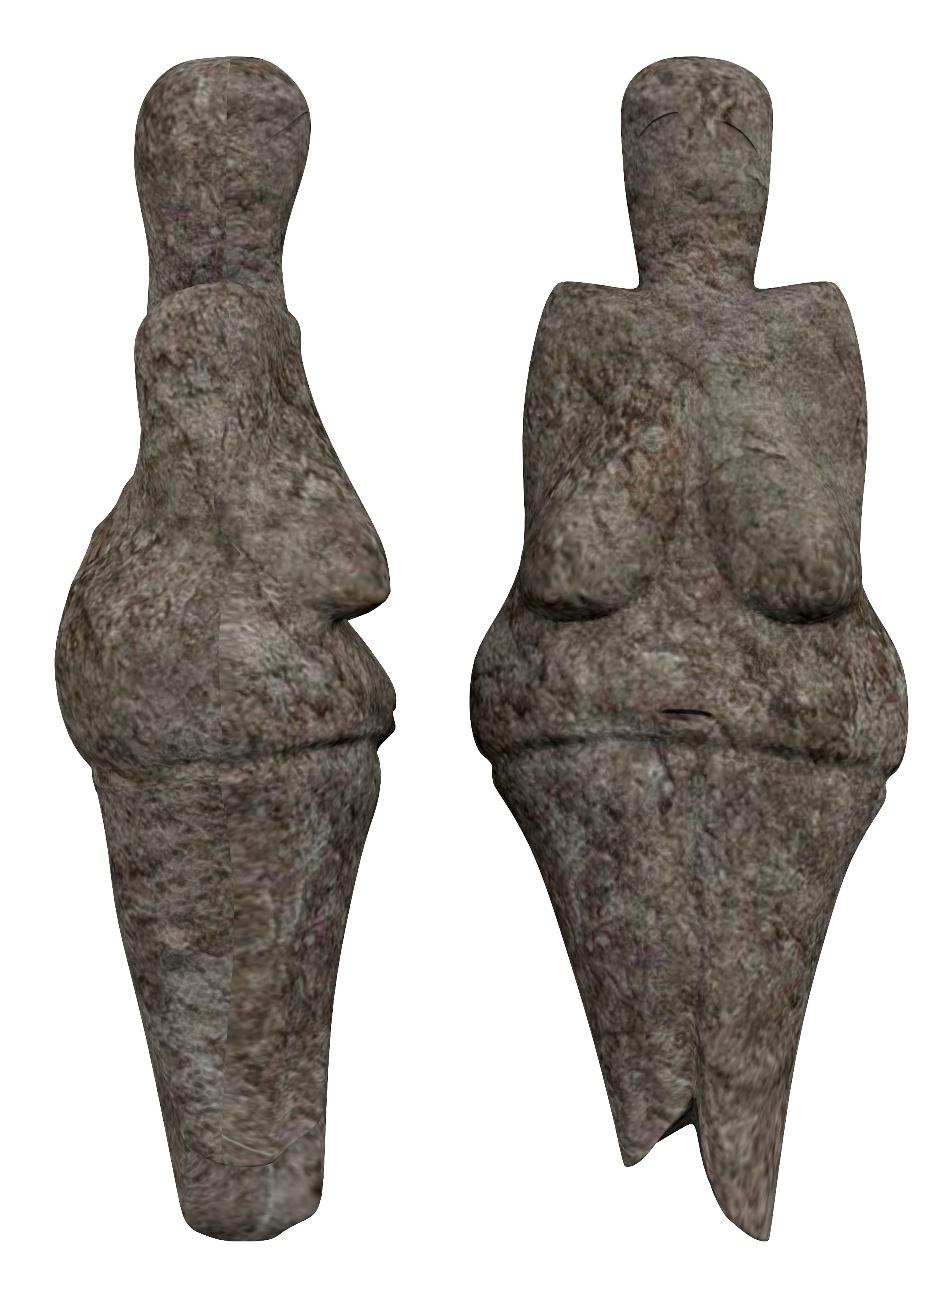 Venus din Dolni Vestonice (Cehia), unul dintre cele mai vechi obiecte ceramice din lume, datează dintr-o perioadă cuprinsă între 29.000 - 25.000 î.e.n.